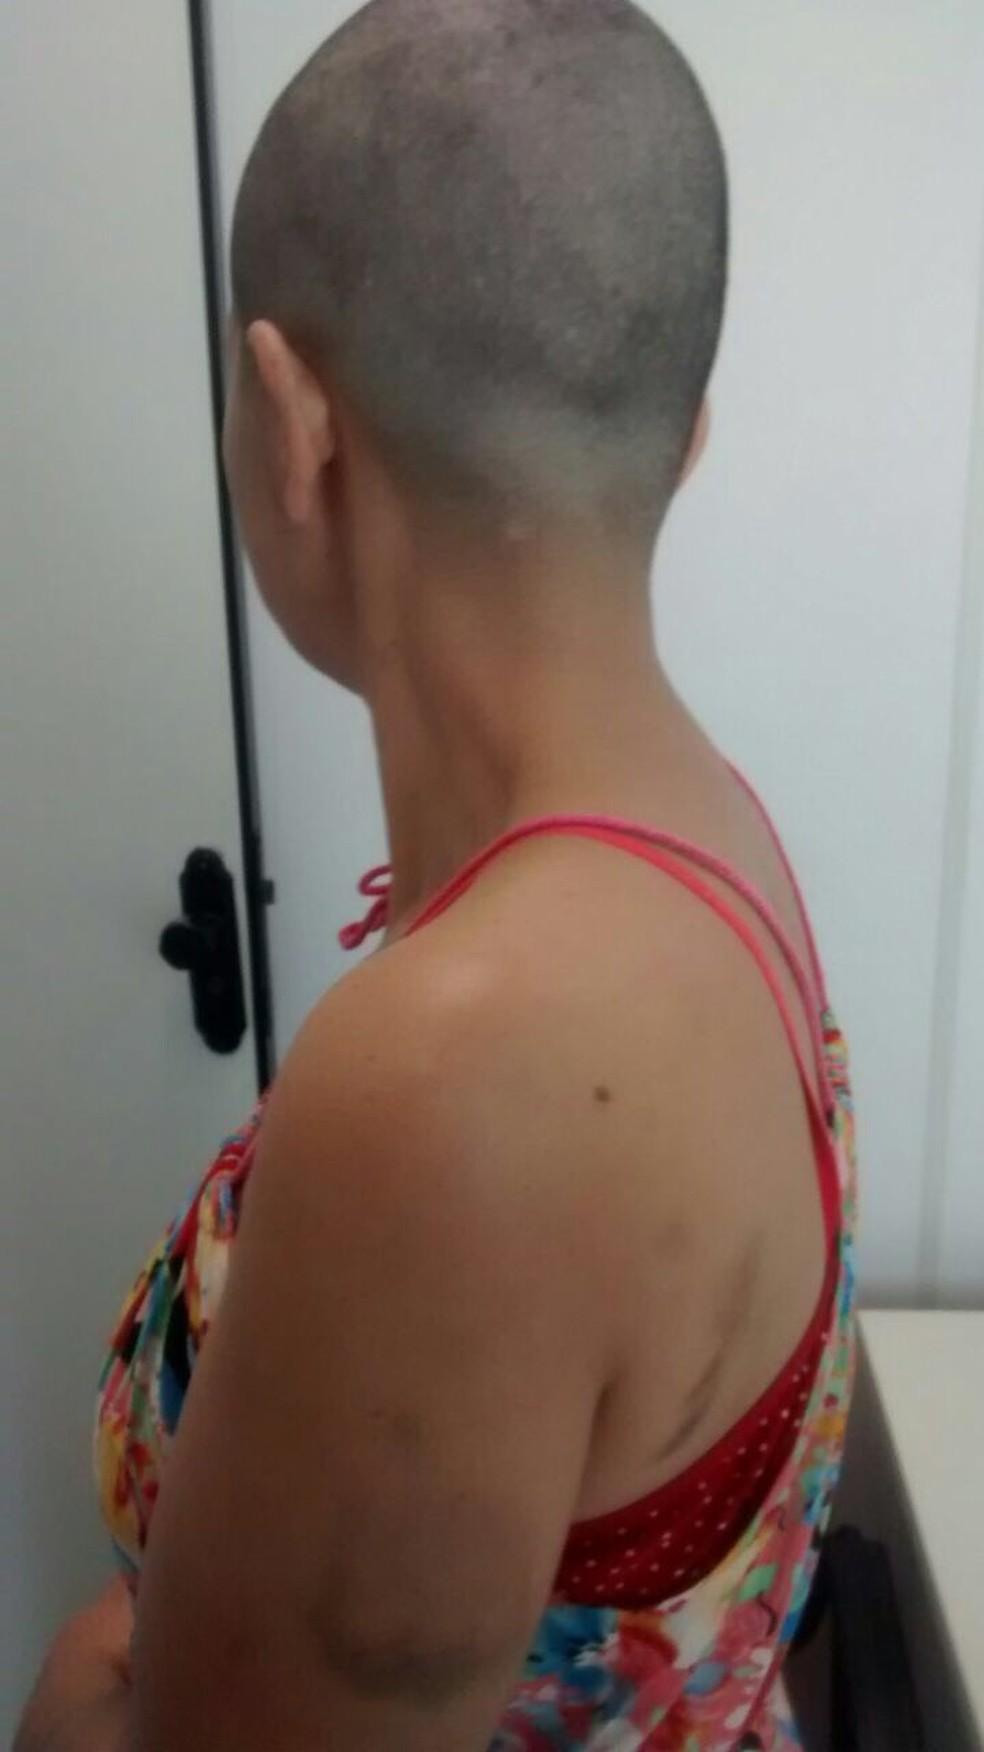 Mulher foi agredida e teve a cabeça raspada pelo companheiro em Bom Despacho (Foto: Polícia Civil/Divulgação)